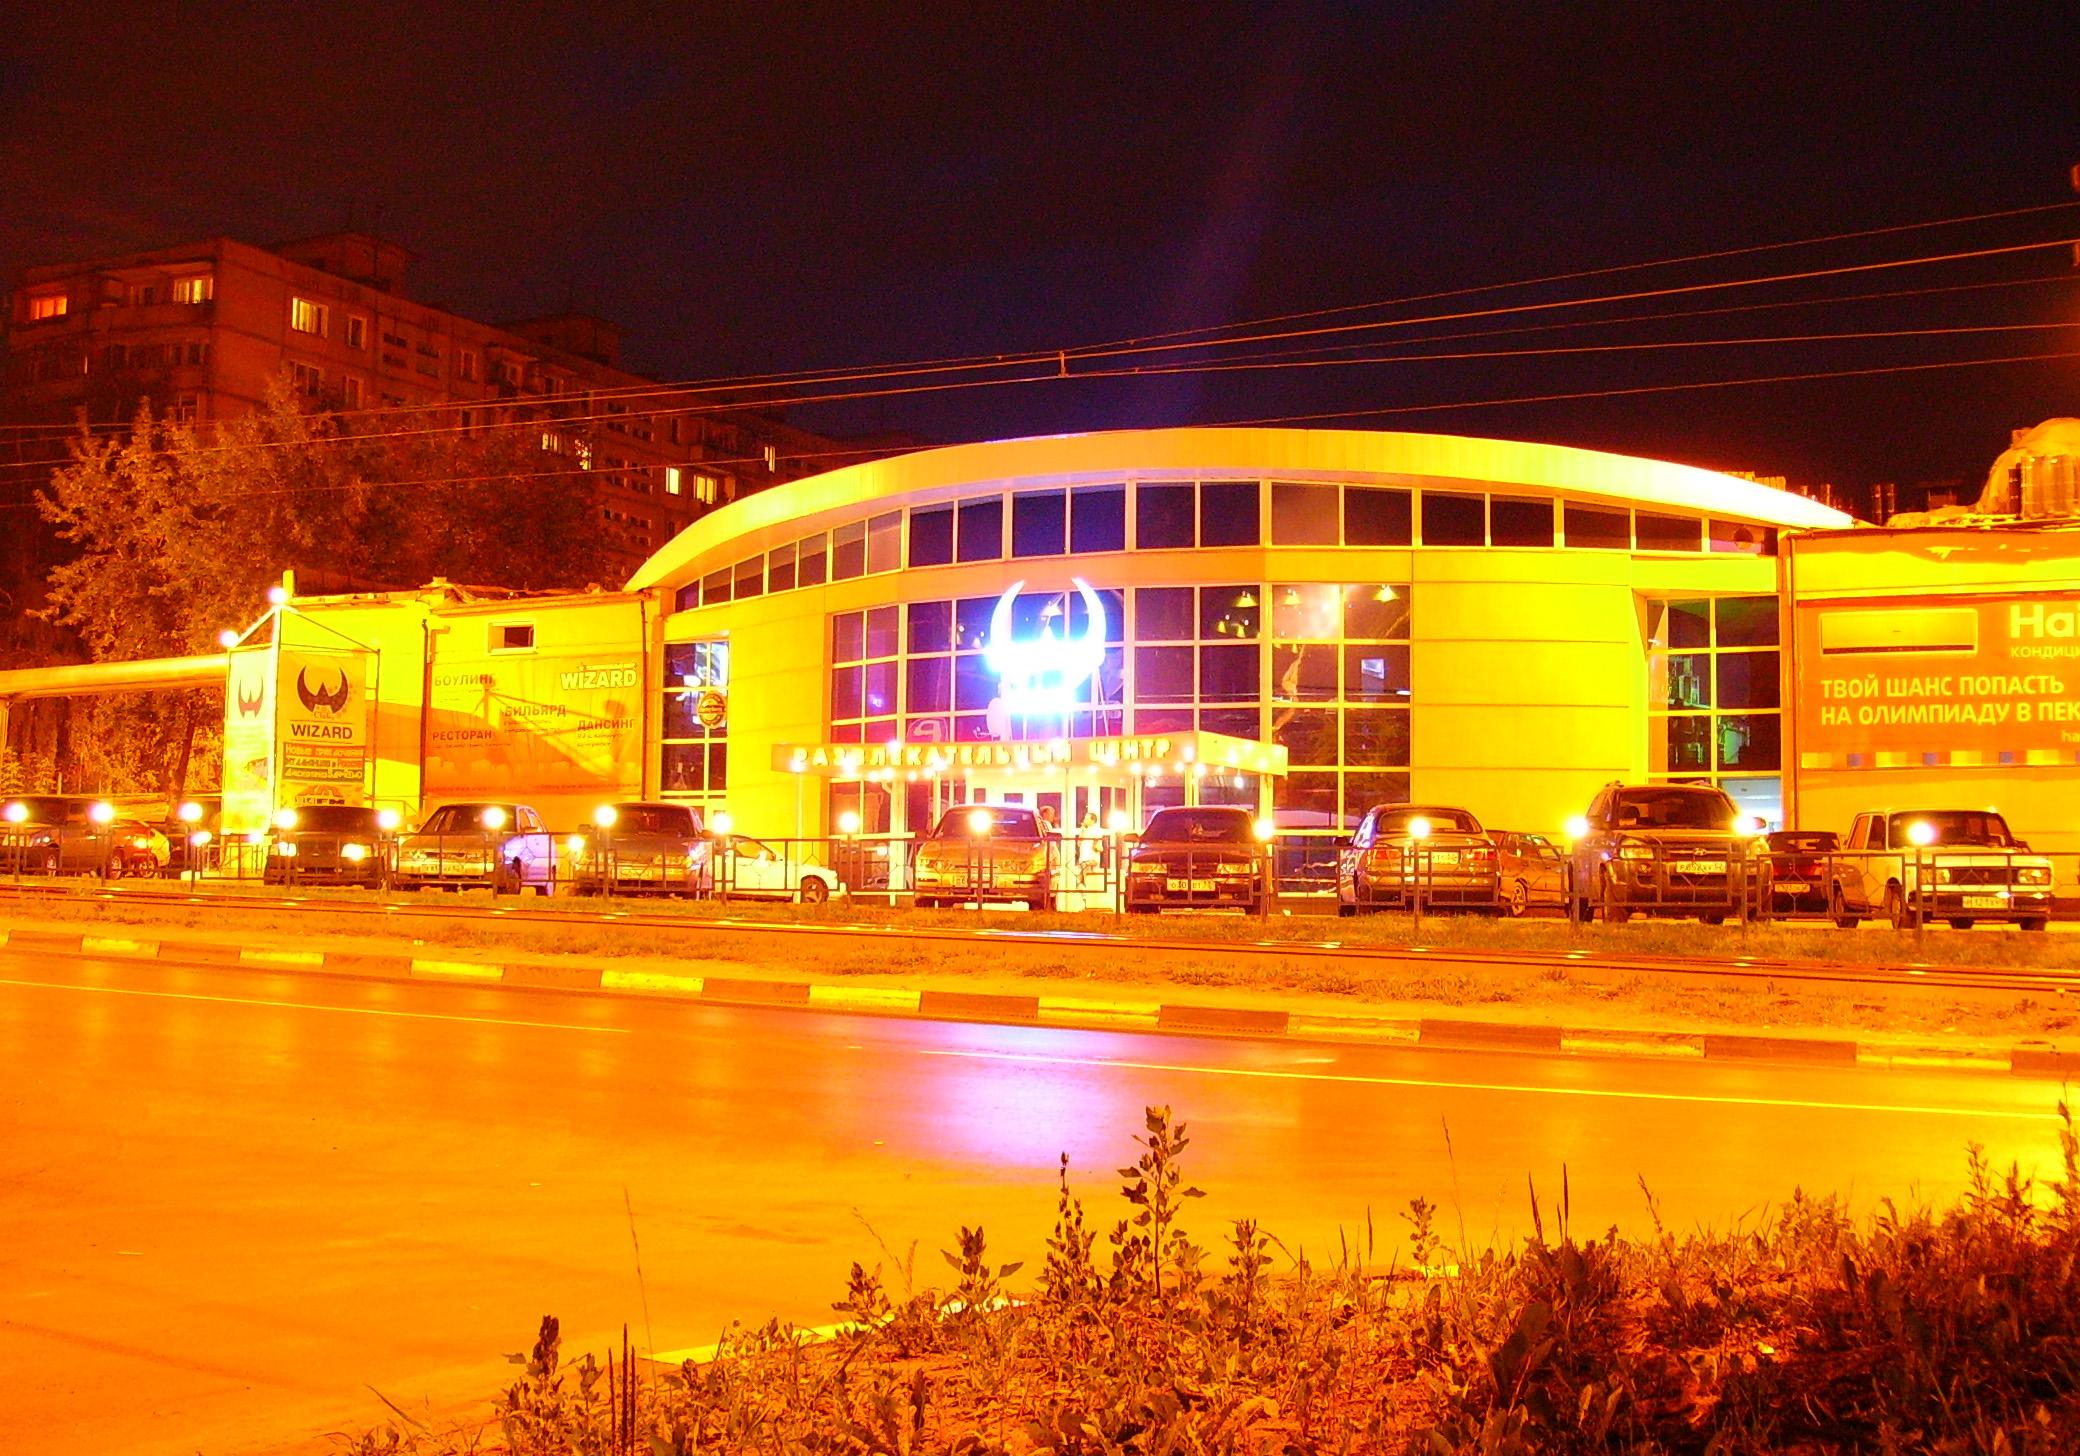 Визард ночной клуб нижний новгород смотреть бесплатно в онлайне канал ночной клуб